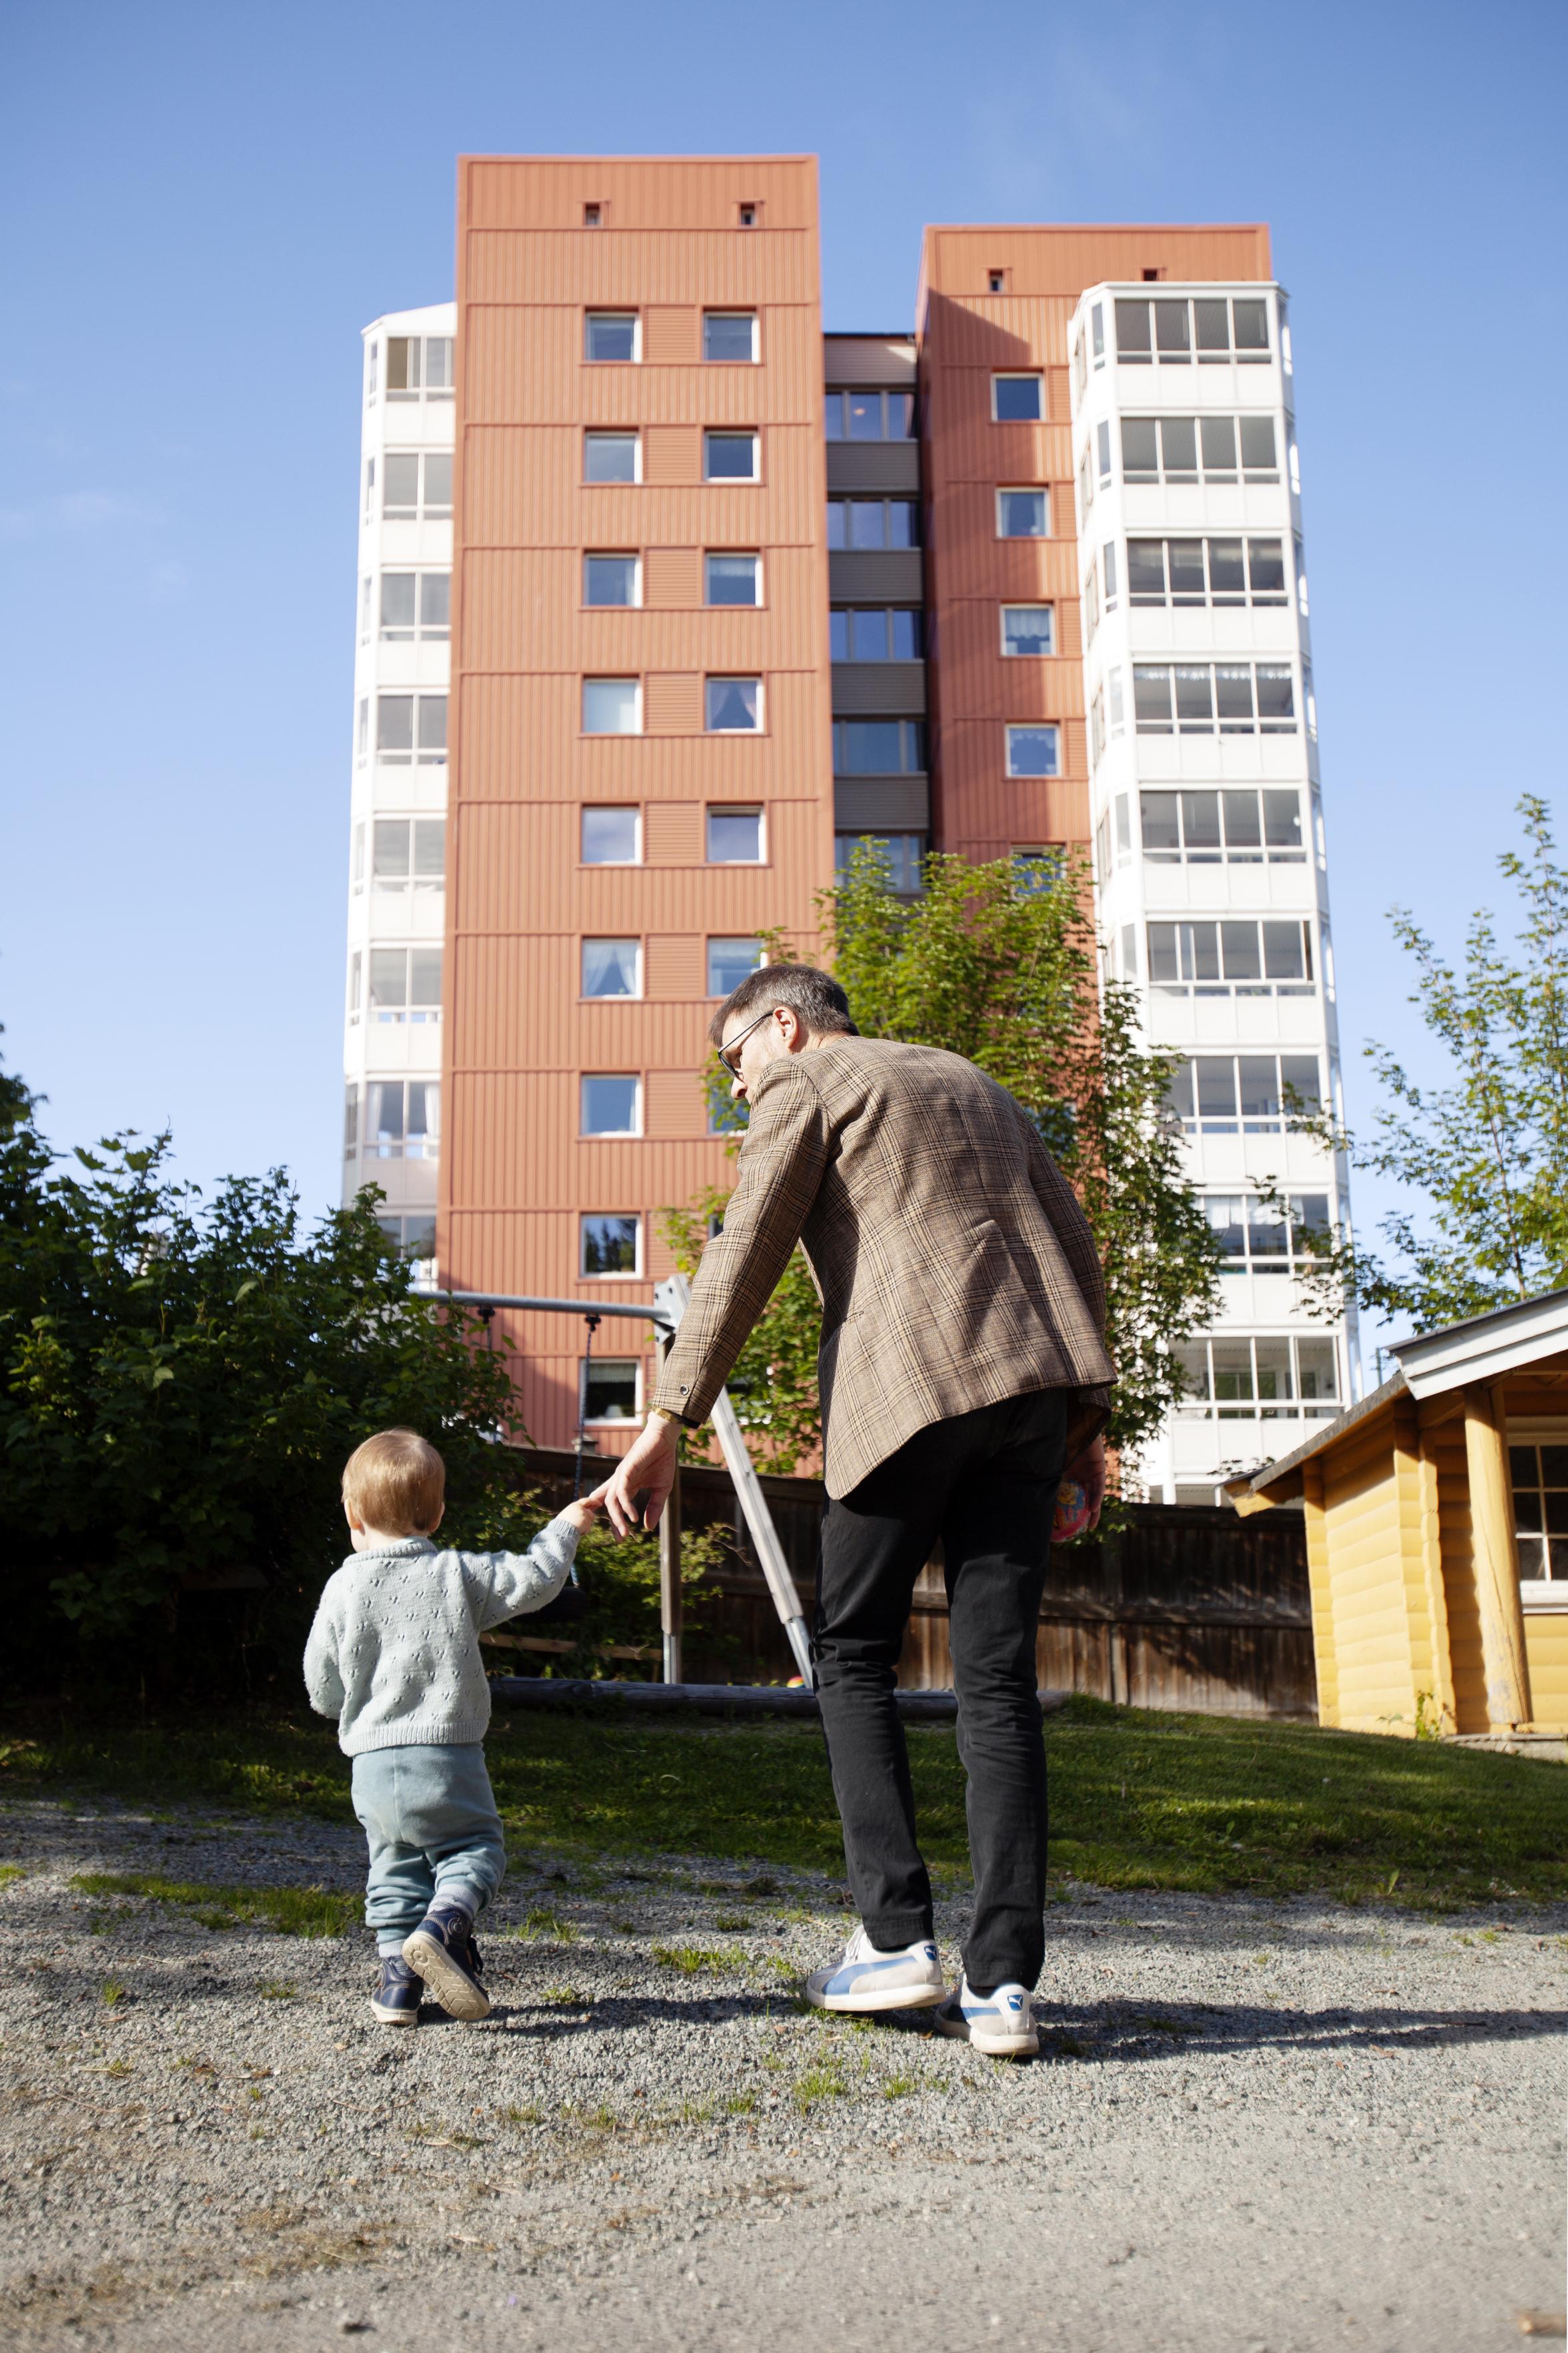 Runaug, Sigurd og Bynesvegen 4a. Foto: Nils Kristian Thompson Eikeland